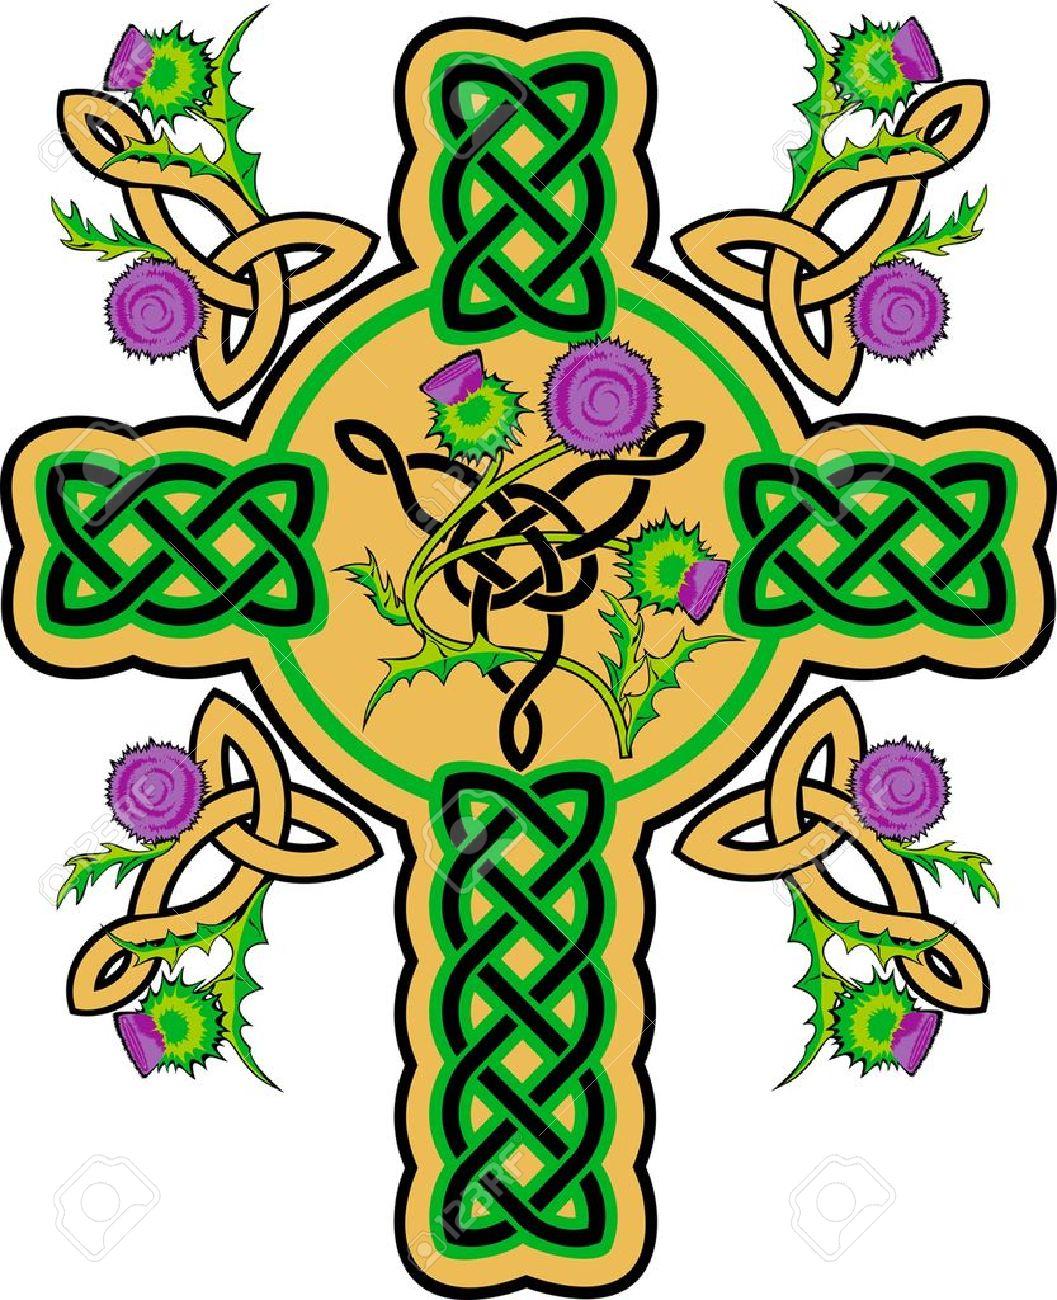 celtic crosses clipart free download best celtic crosses clipart